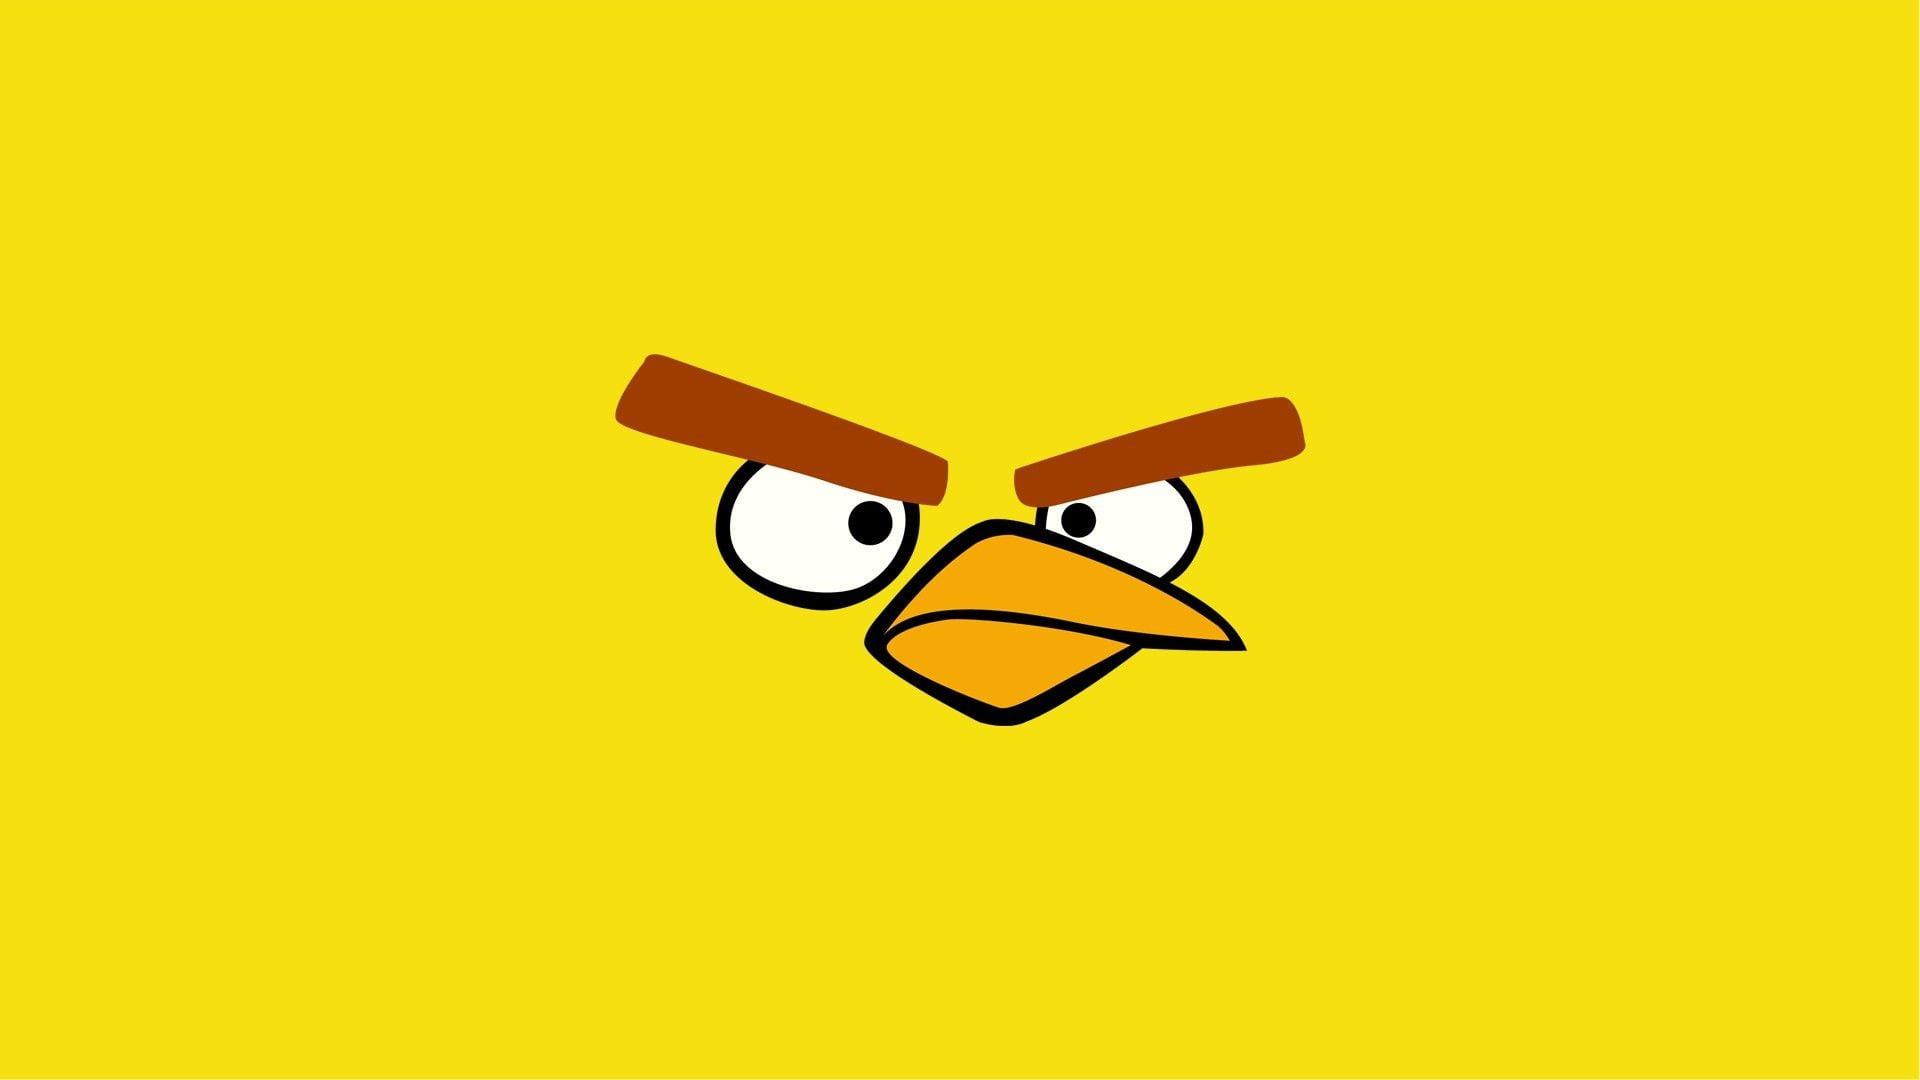 angry bird yellow bird